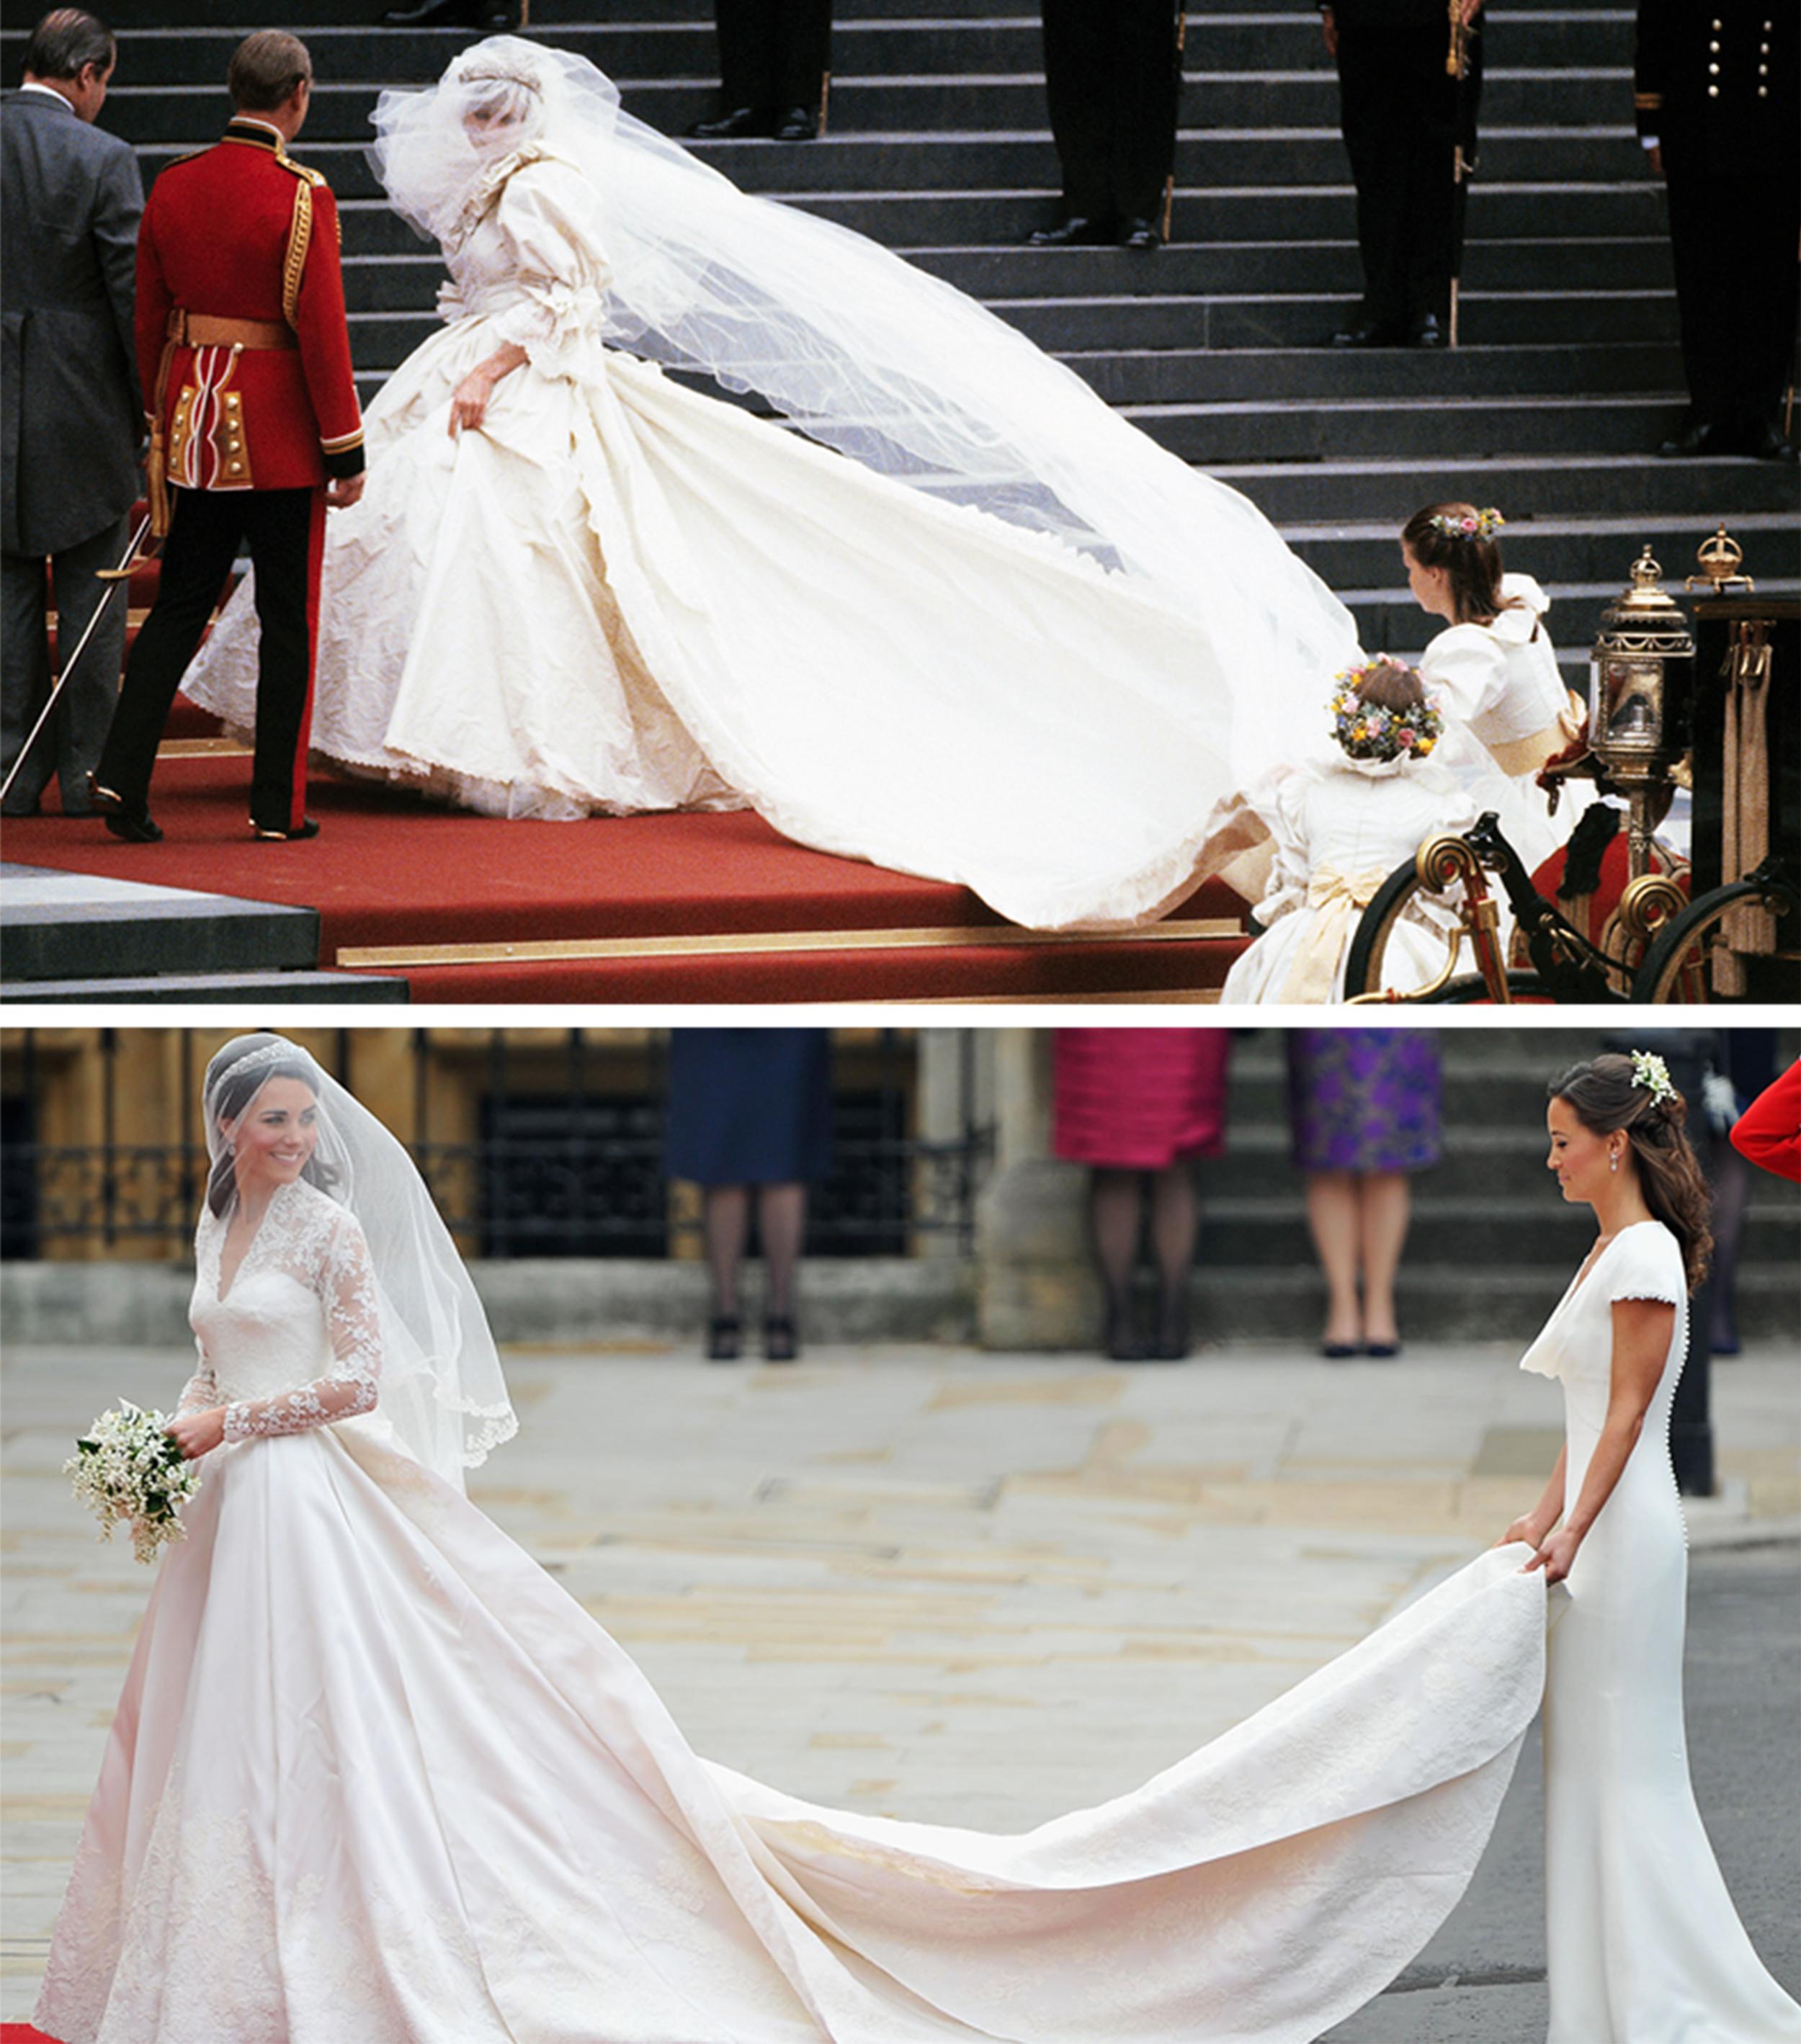 21 Times Kate Middleton Dressed Like Princess Diana